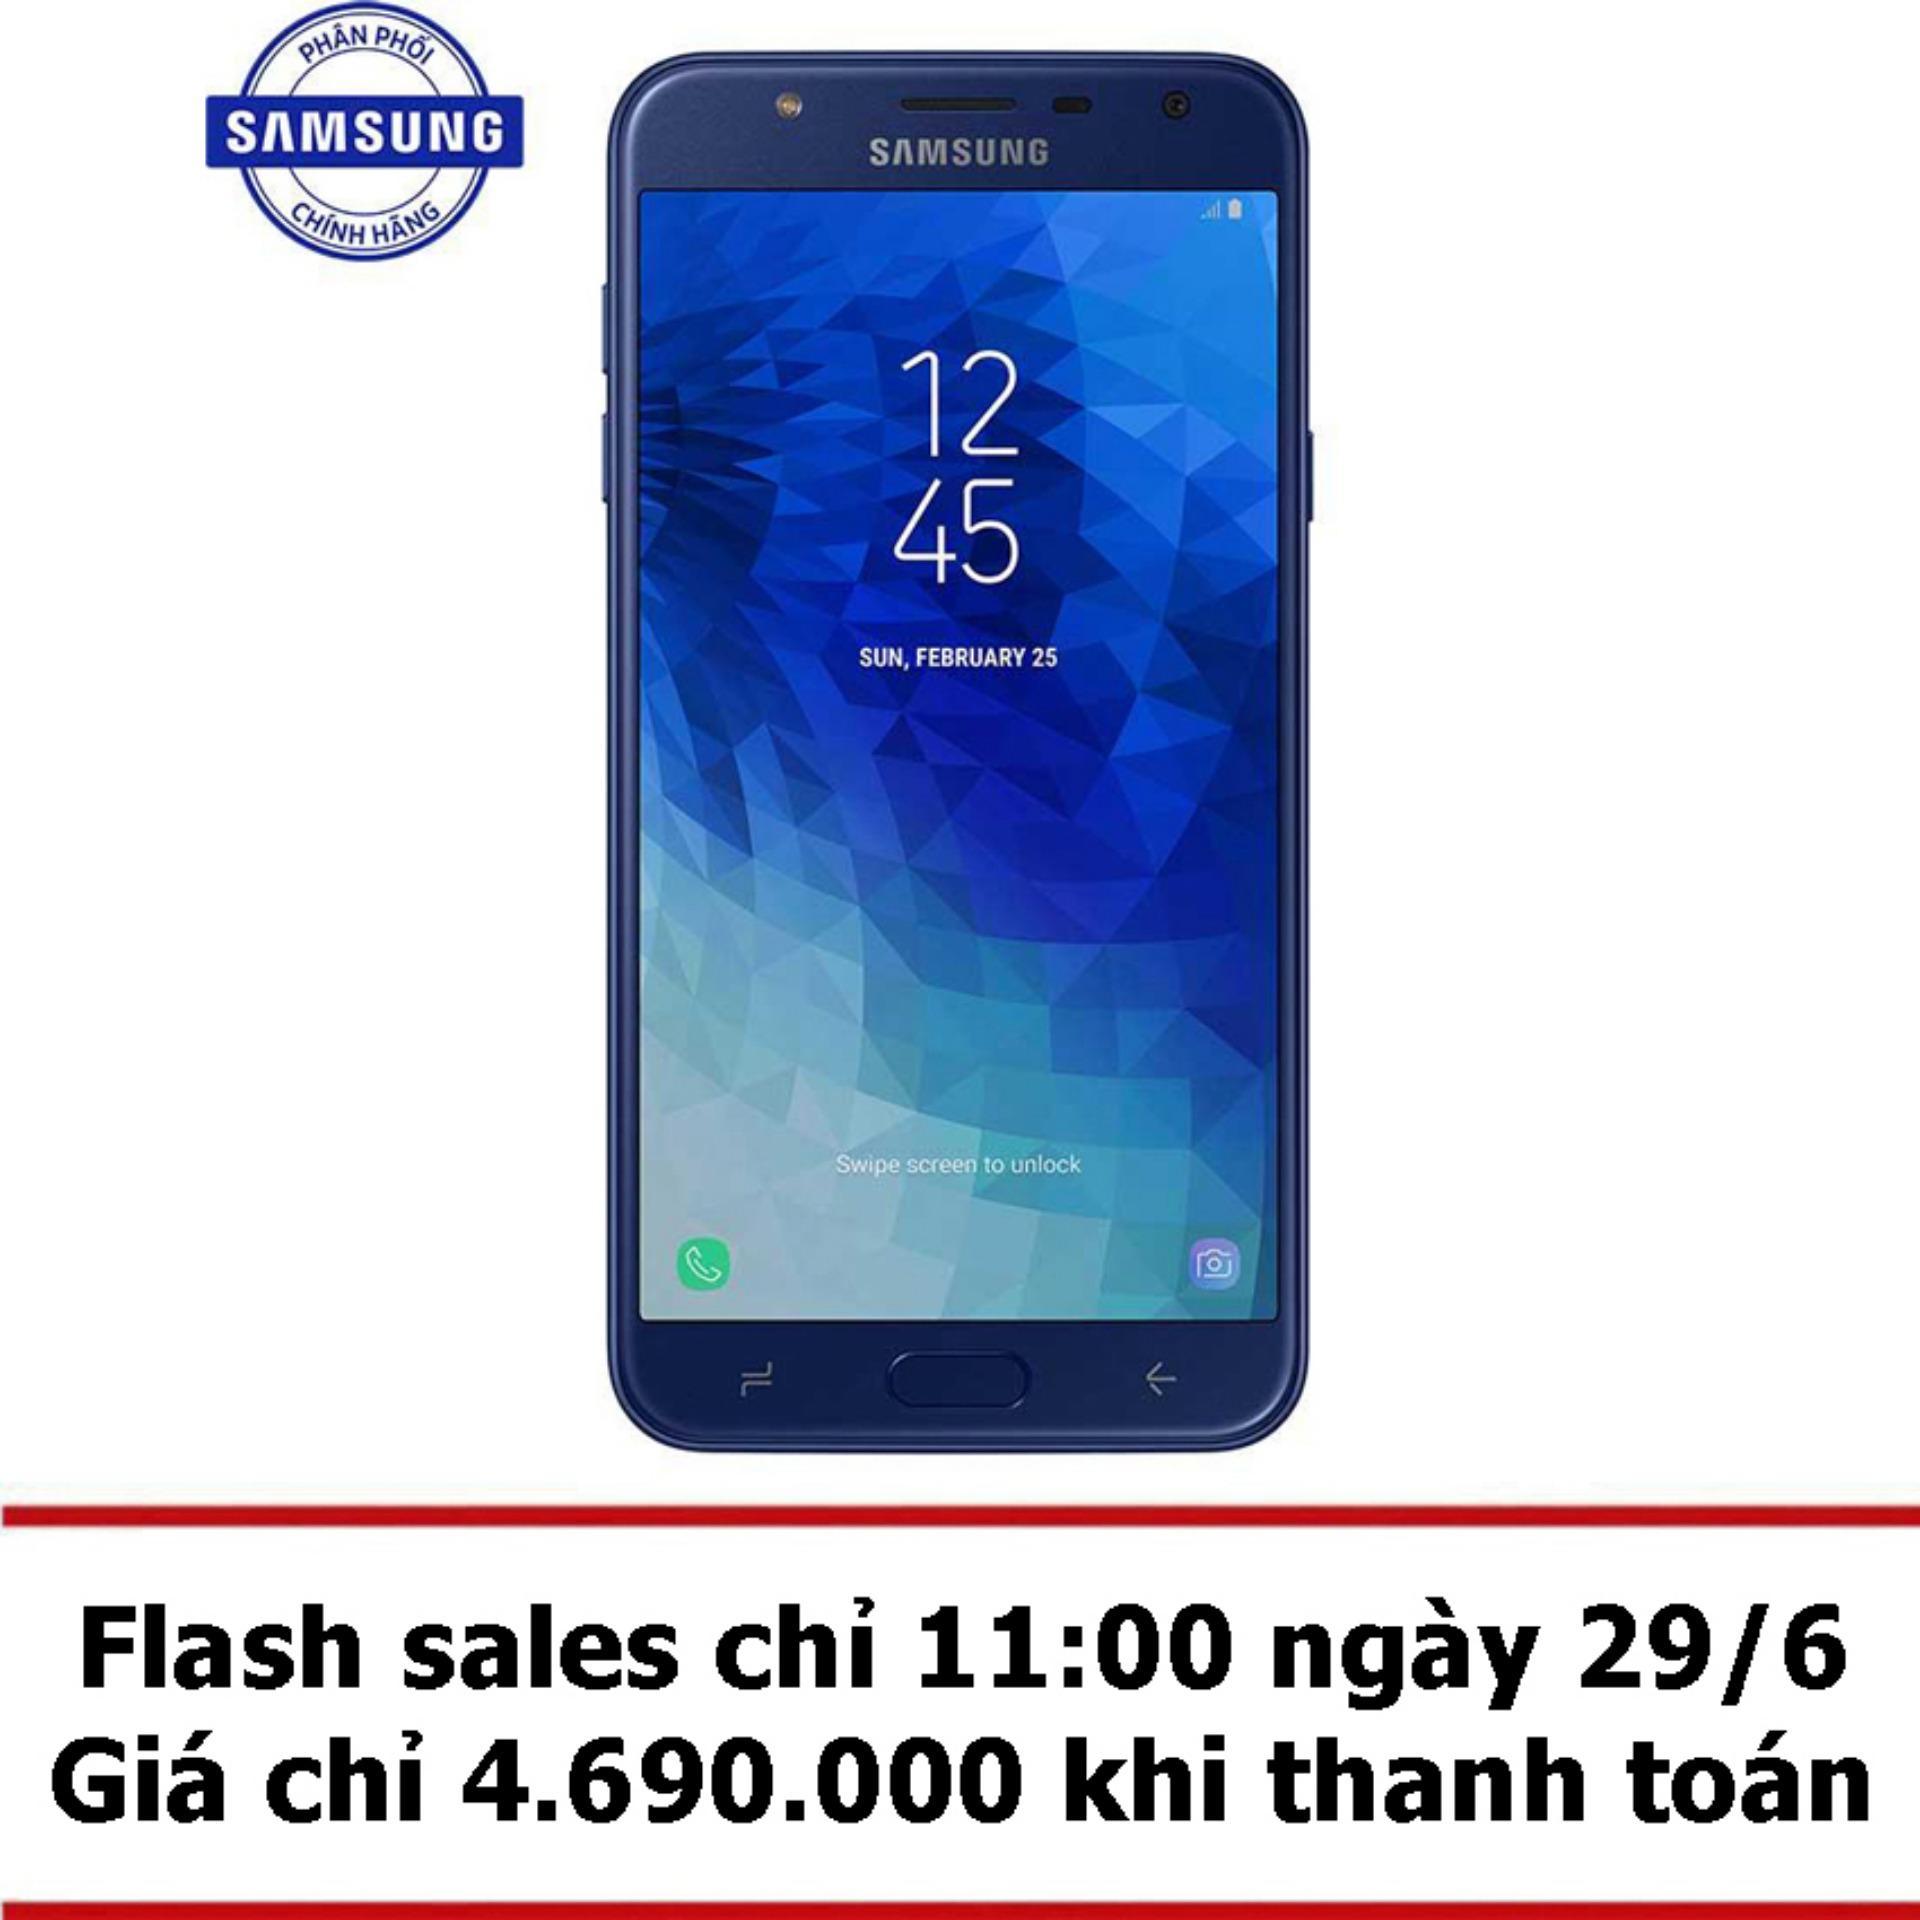 Samsung Galaxy J7 Duo 32GB - Hãng phân phối chính...